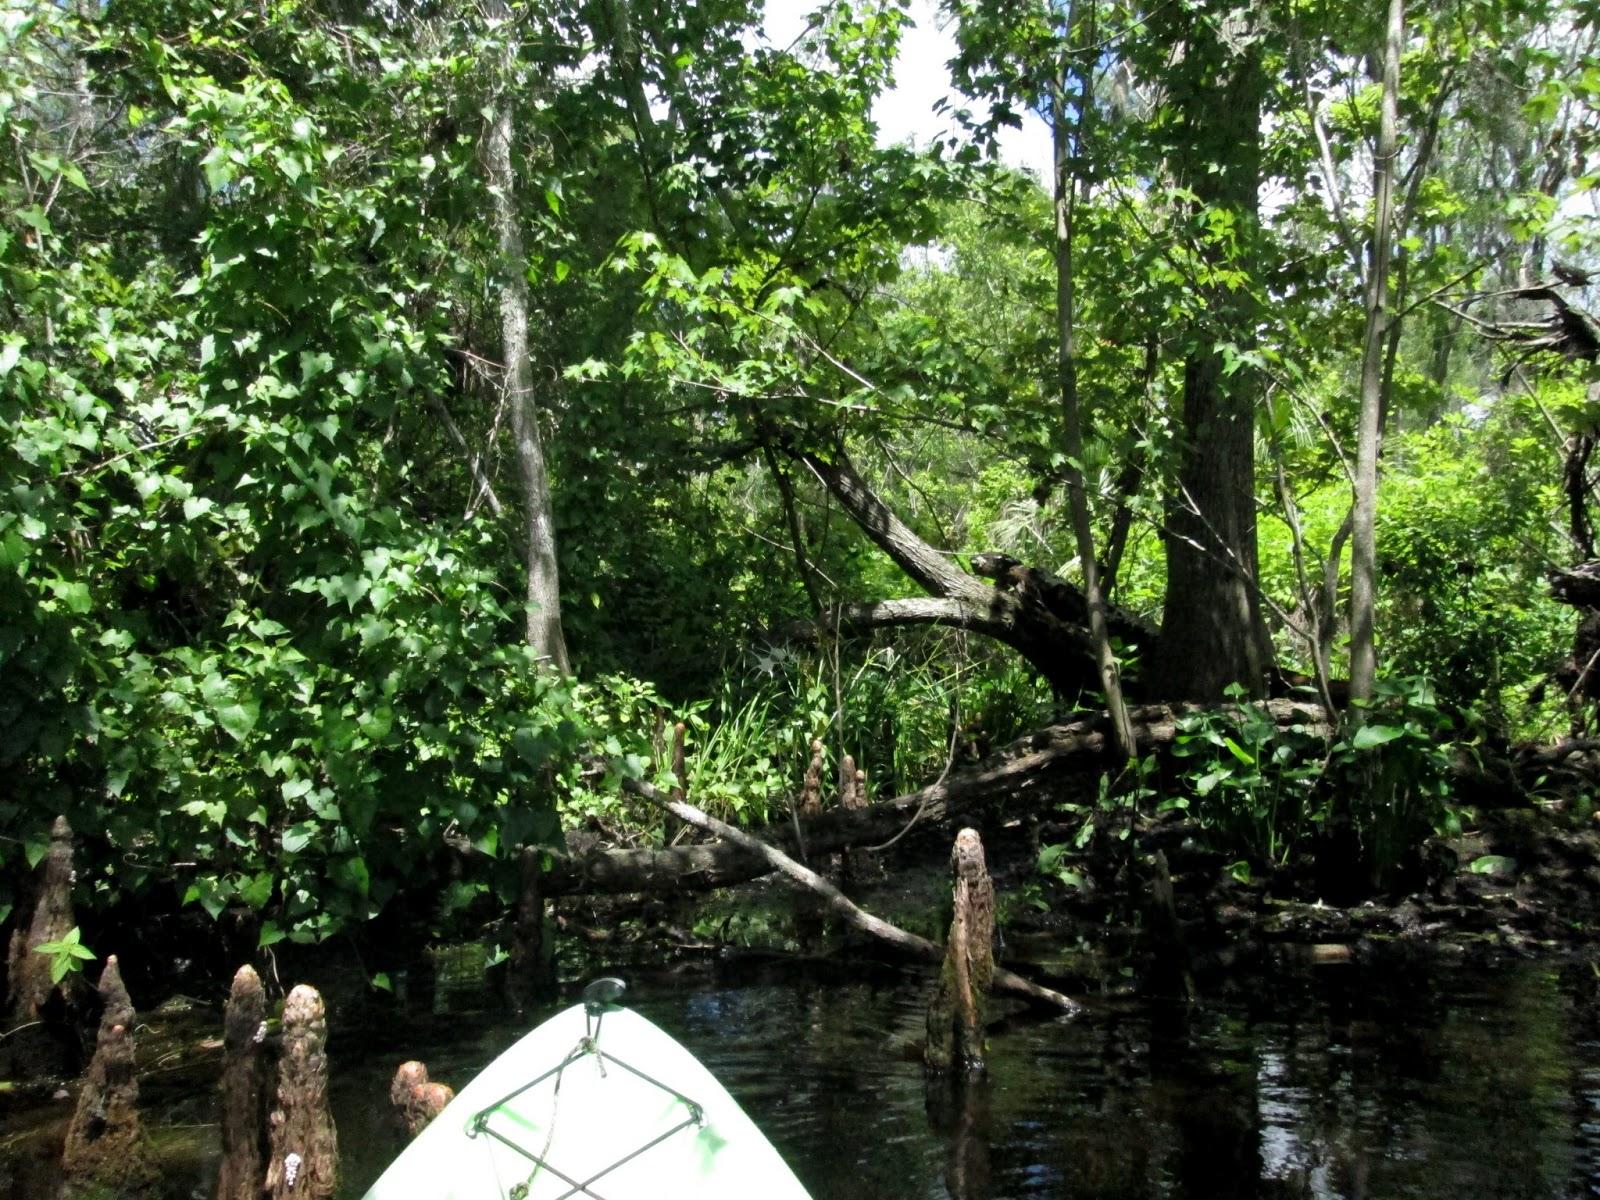 Wekiva River Monkeys The Lower Wekiva River